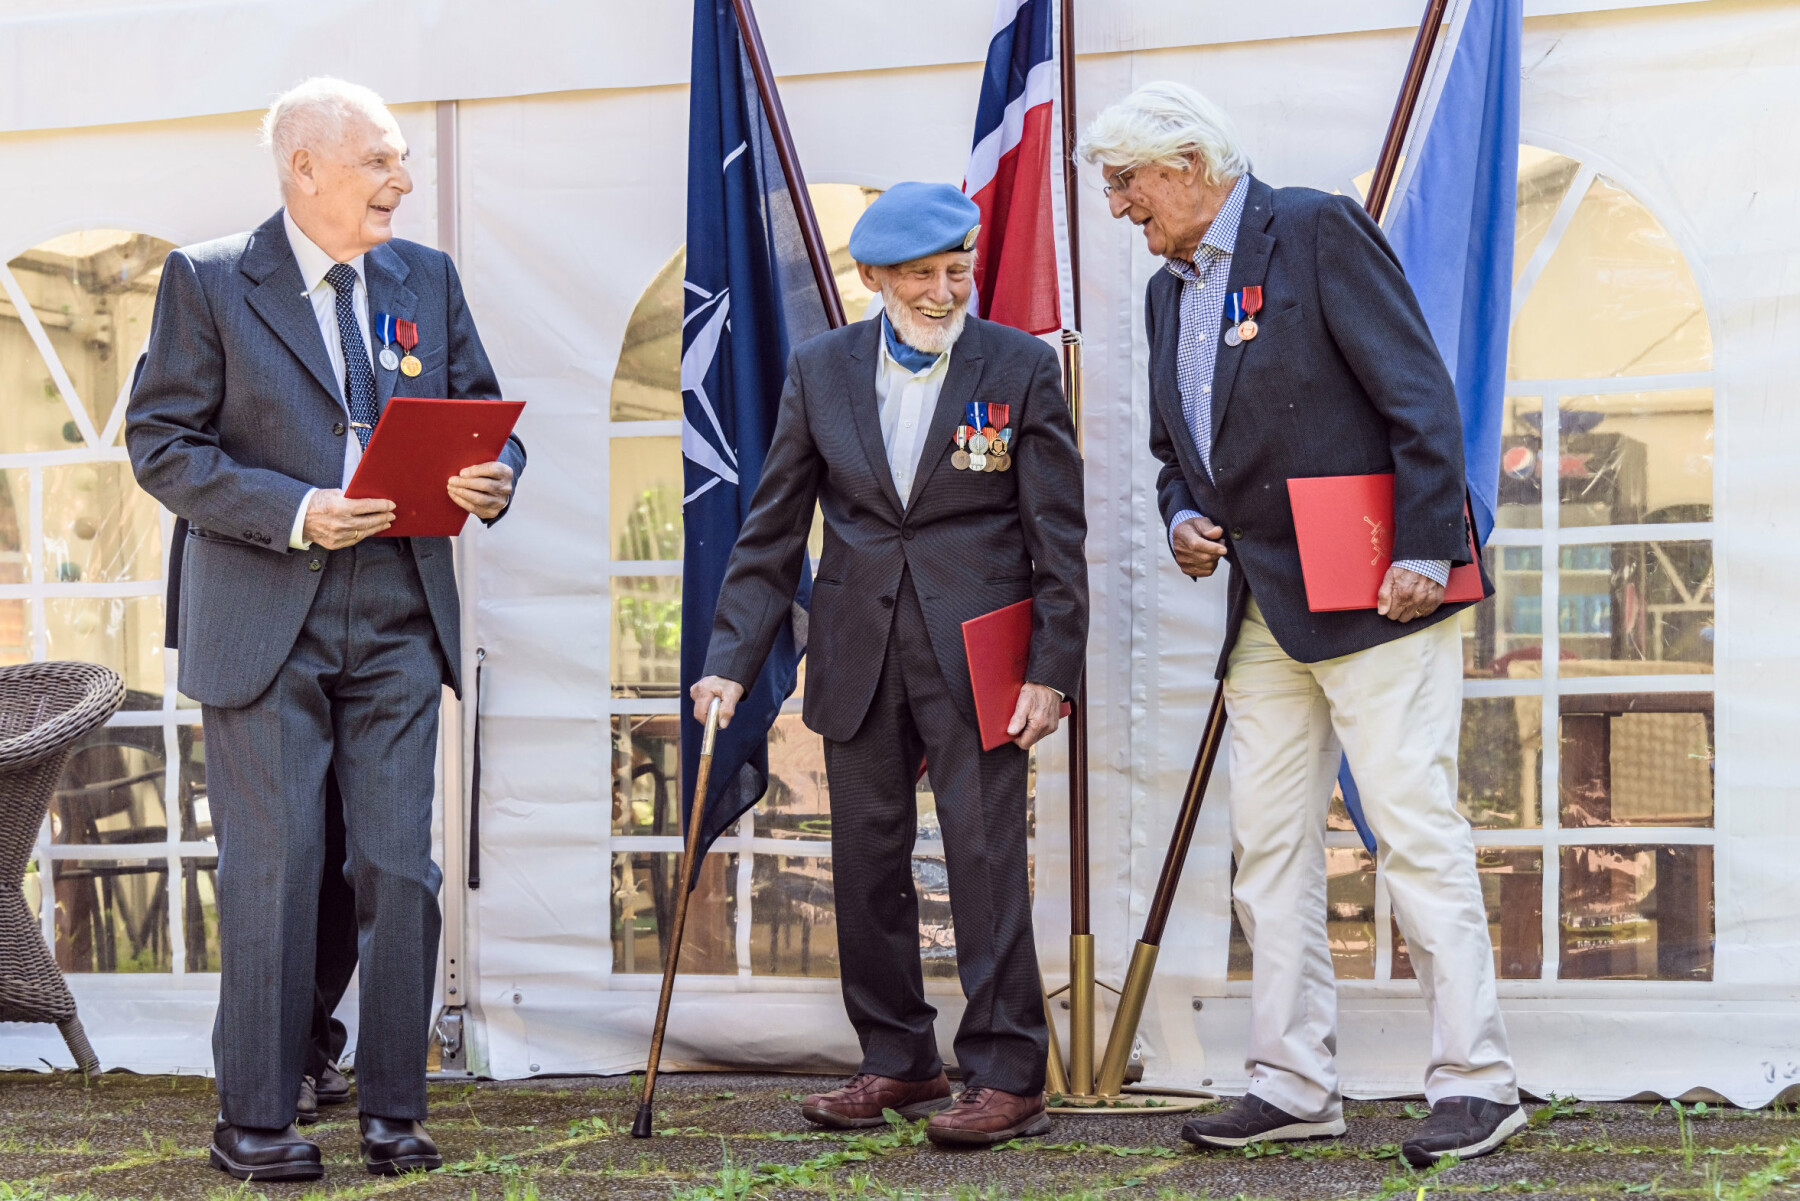 Tor Anton Johannessen, Arne Johan Eliassen og John Jakob Texmon mottok sine medaljer onsdag denne uken.